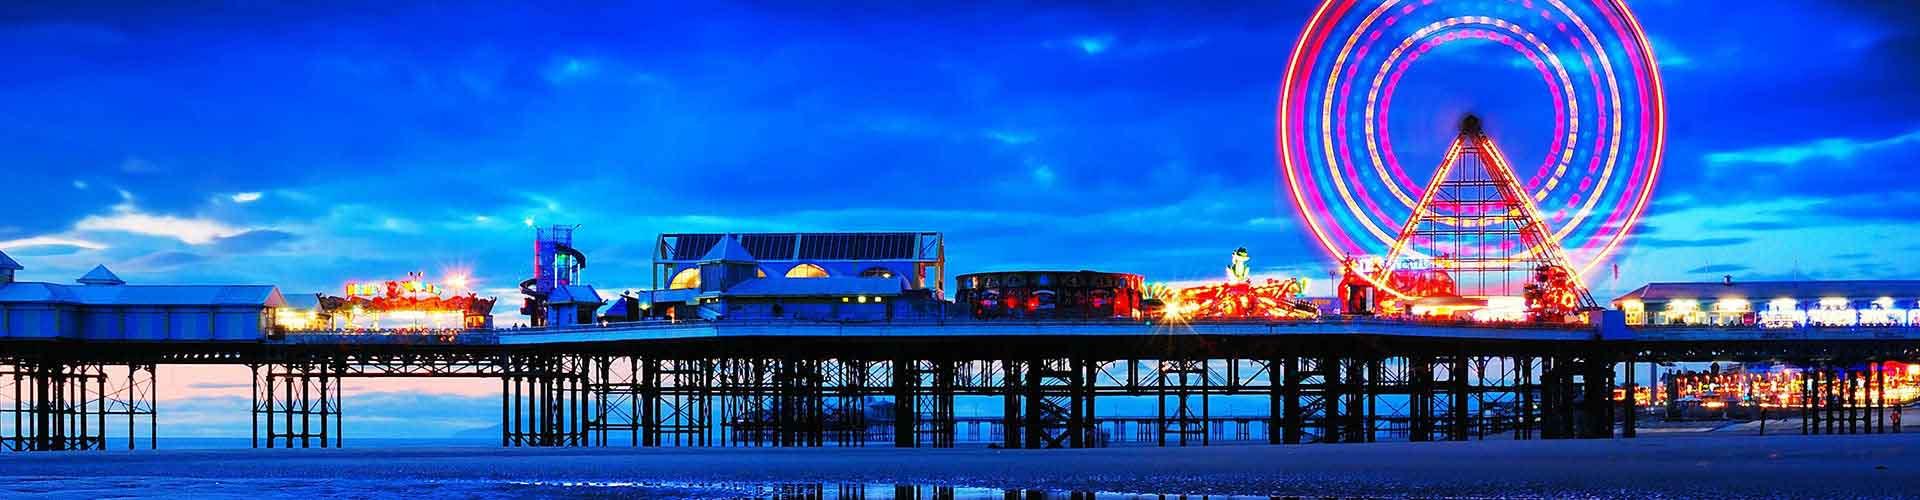 Blackpool - Pokoje w mieście Blackpool, Mapy miasta Blackpool, Zdjęcia i Recenzje dla każdego pokoju w mieście Blackpool.